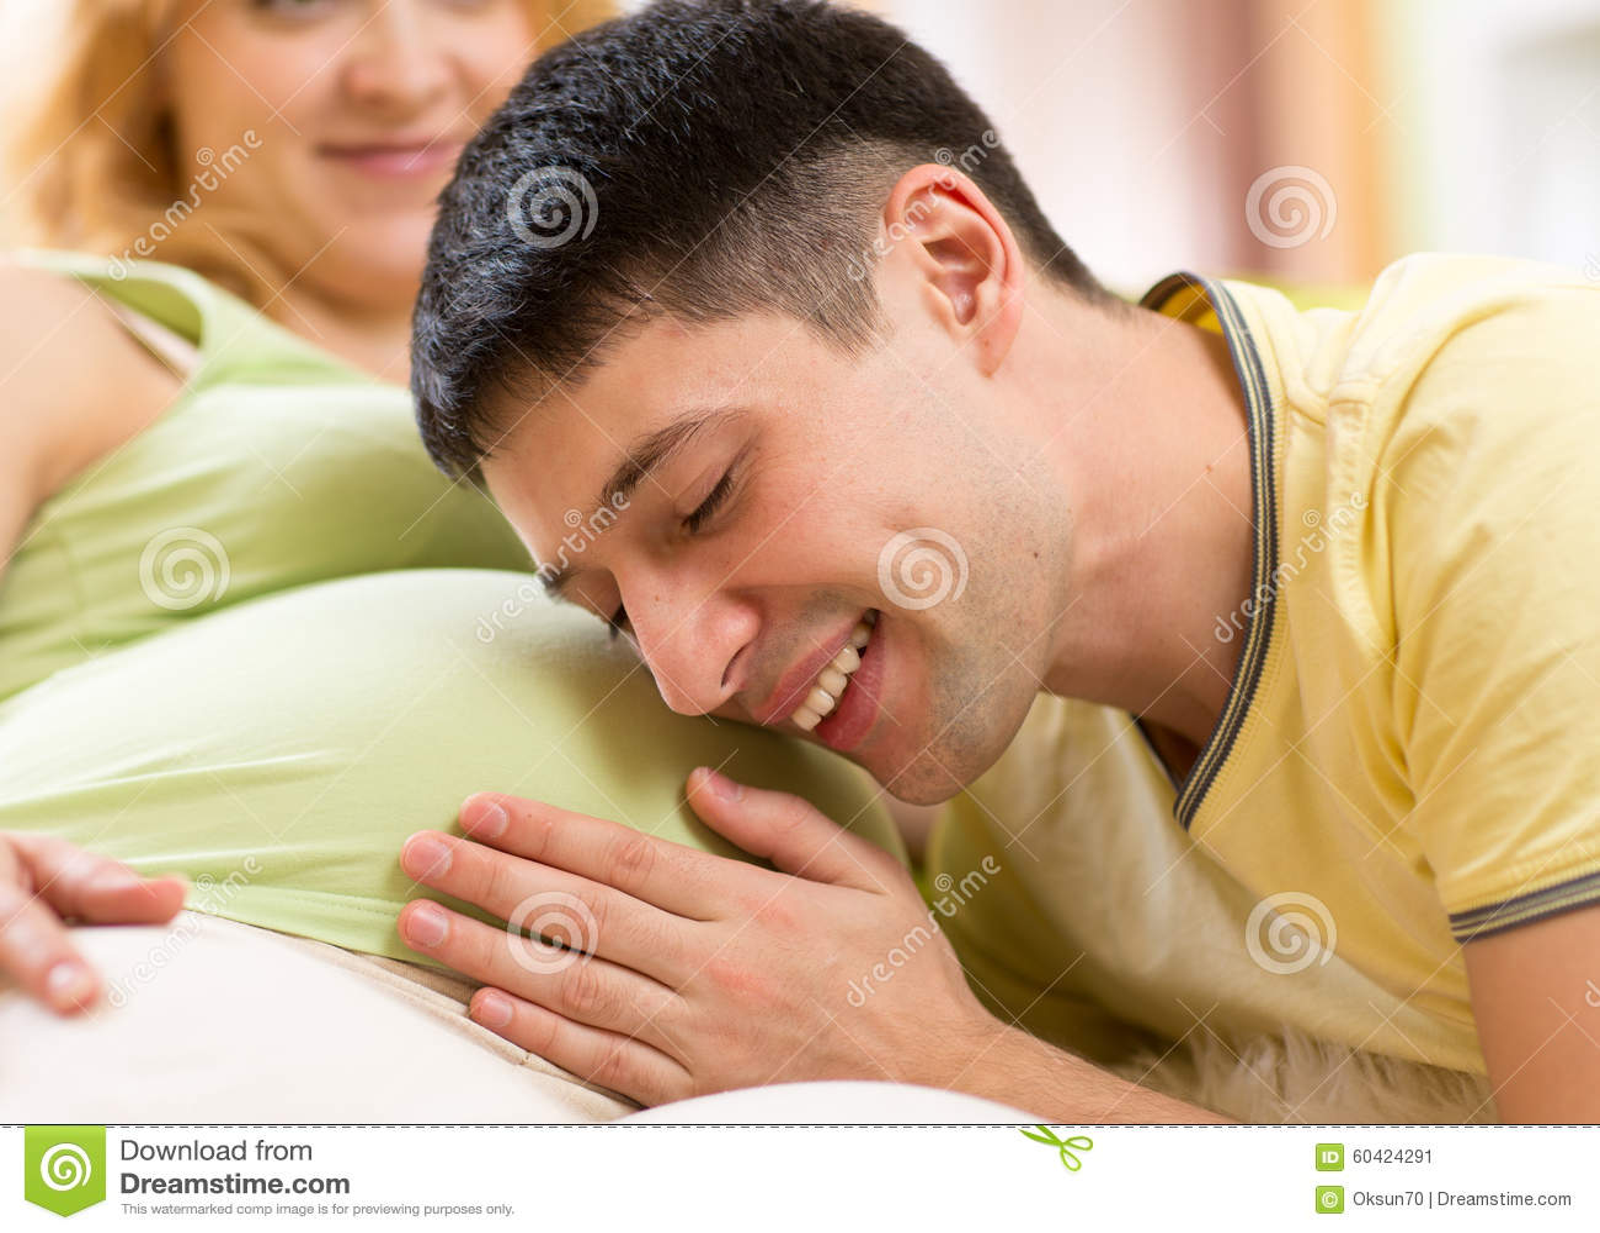 El hombre joven frota ligeramente la panza de su mujer embarazada